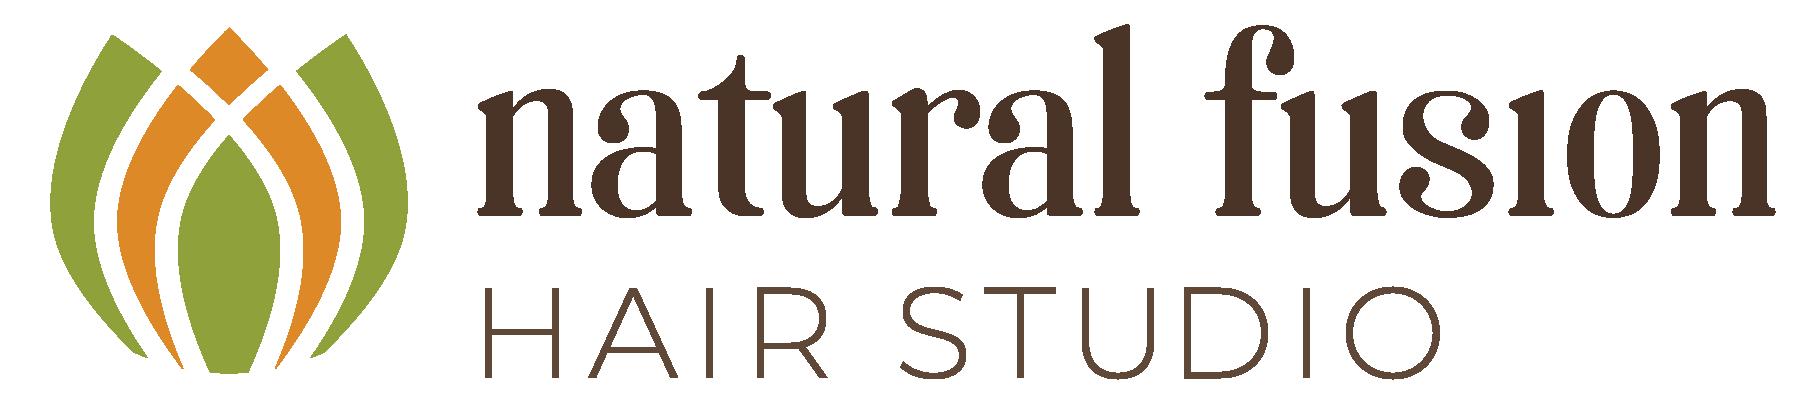 Natural Fusion Hair Studio